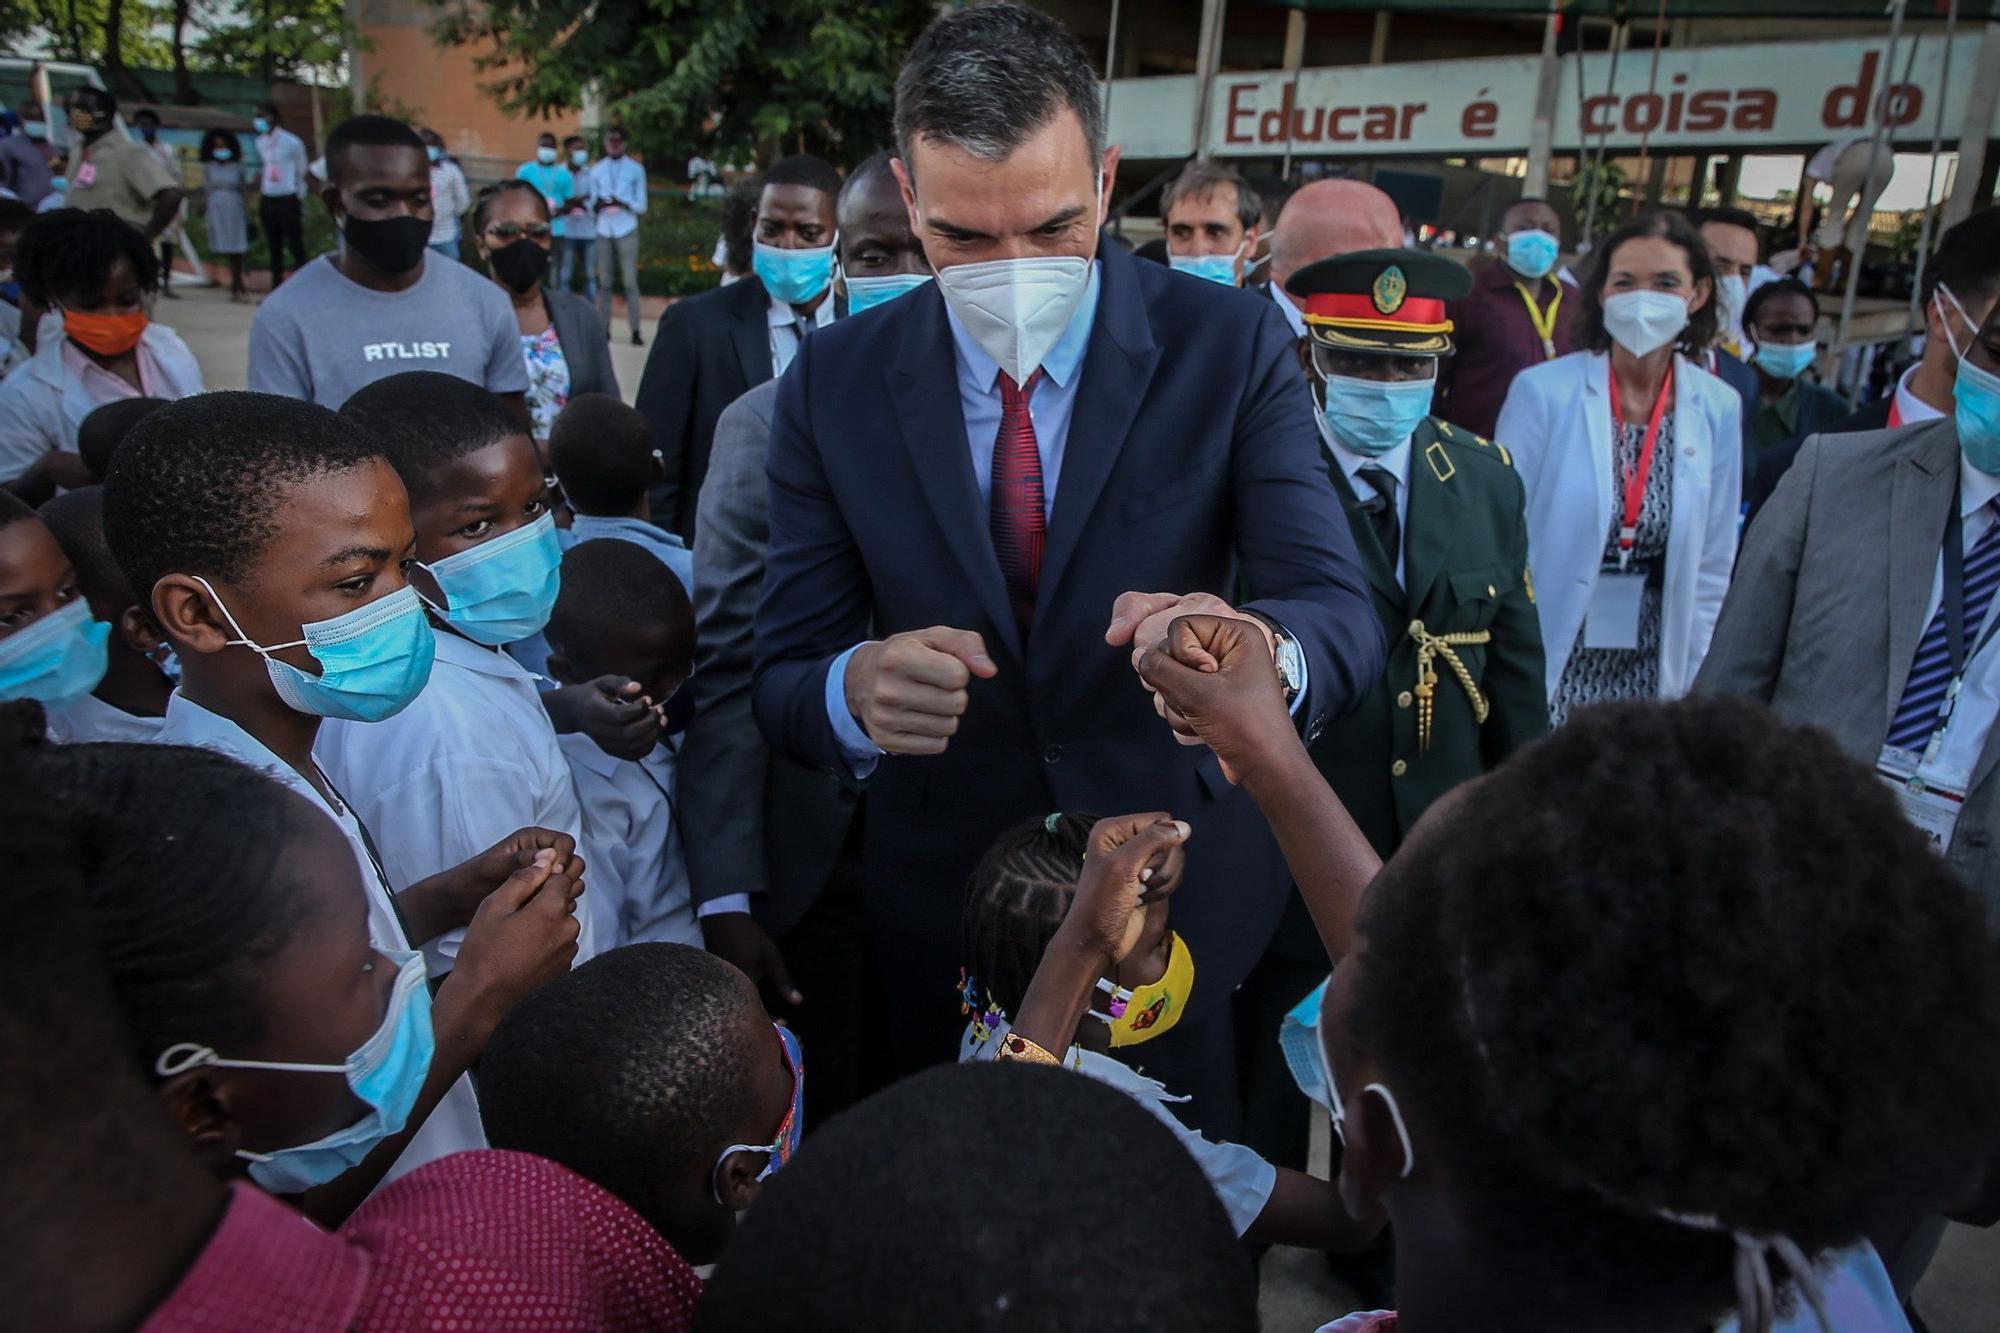 Pedro Sánchez (C), saluda a los alumnos durante una visita al Colegio Salesiano Don Bosco durante su visita oficial a Luanda. EFE